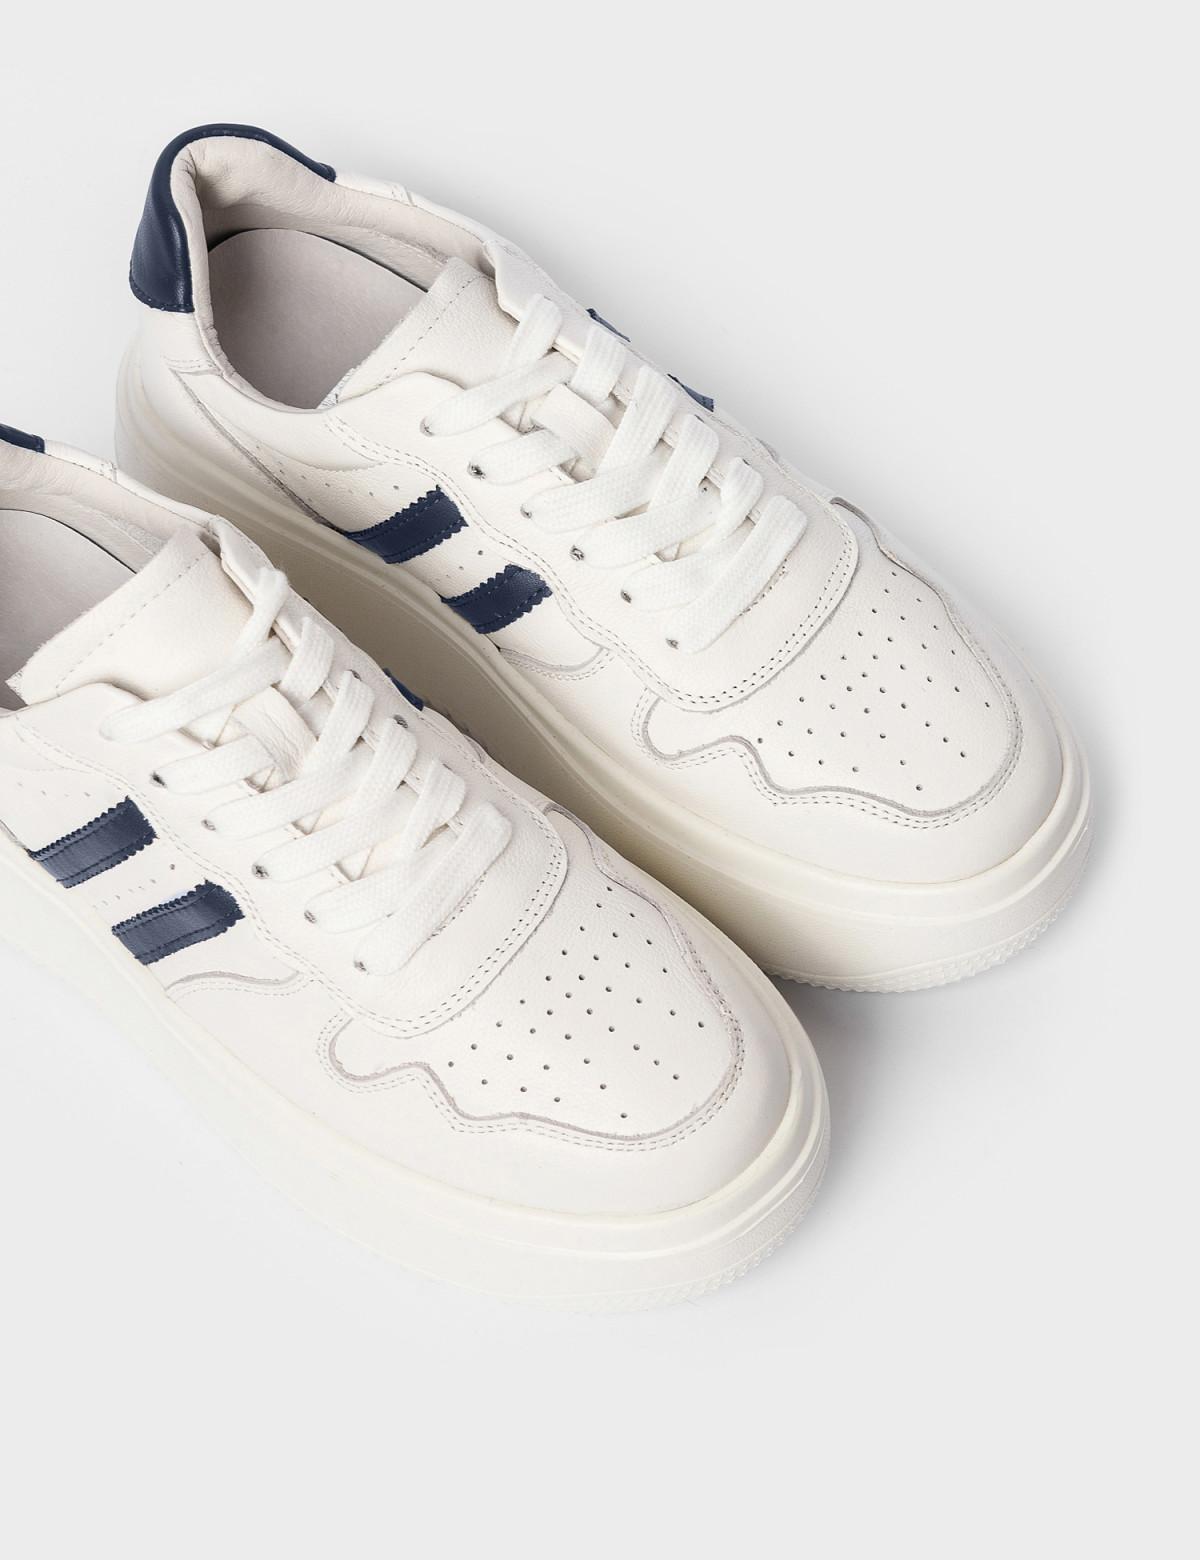 Кросівки білі/сині. Натуральна шкіра3